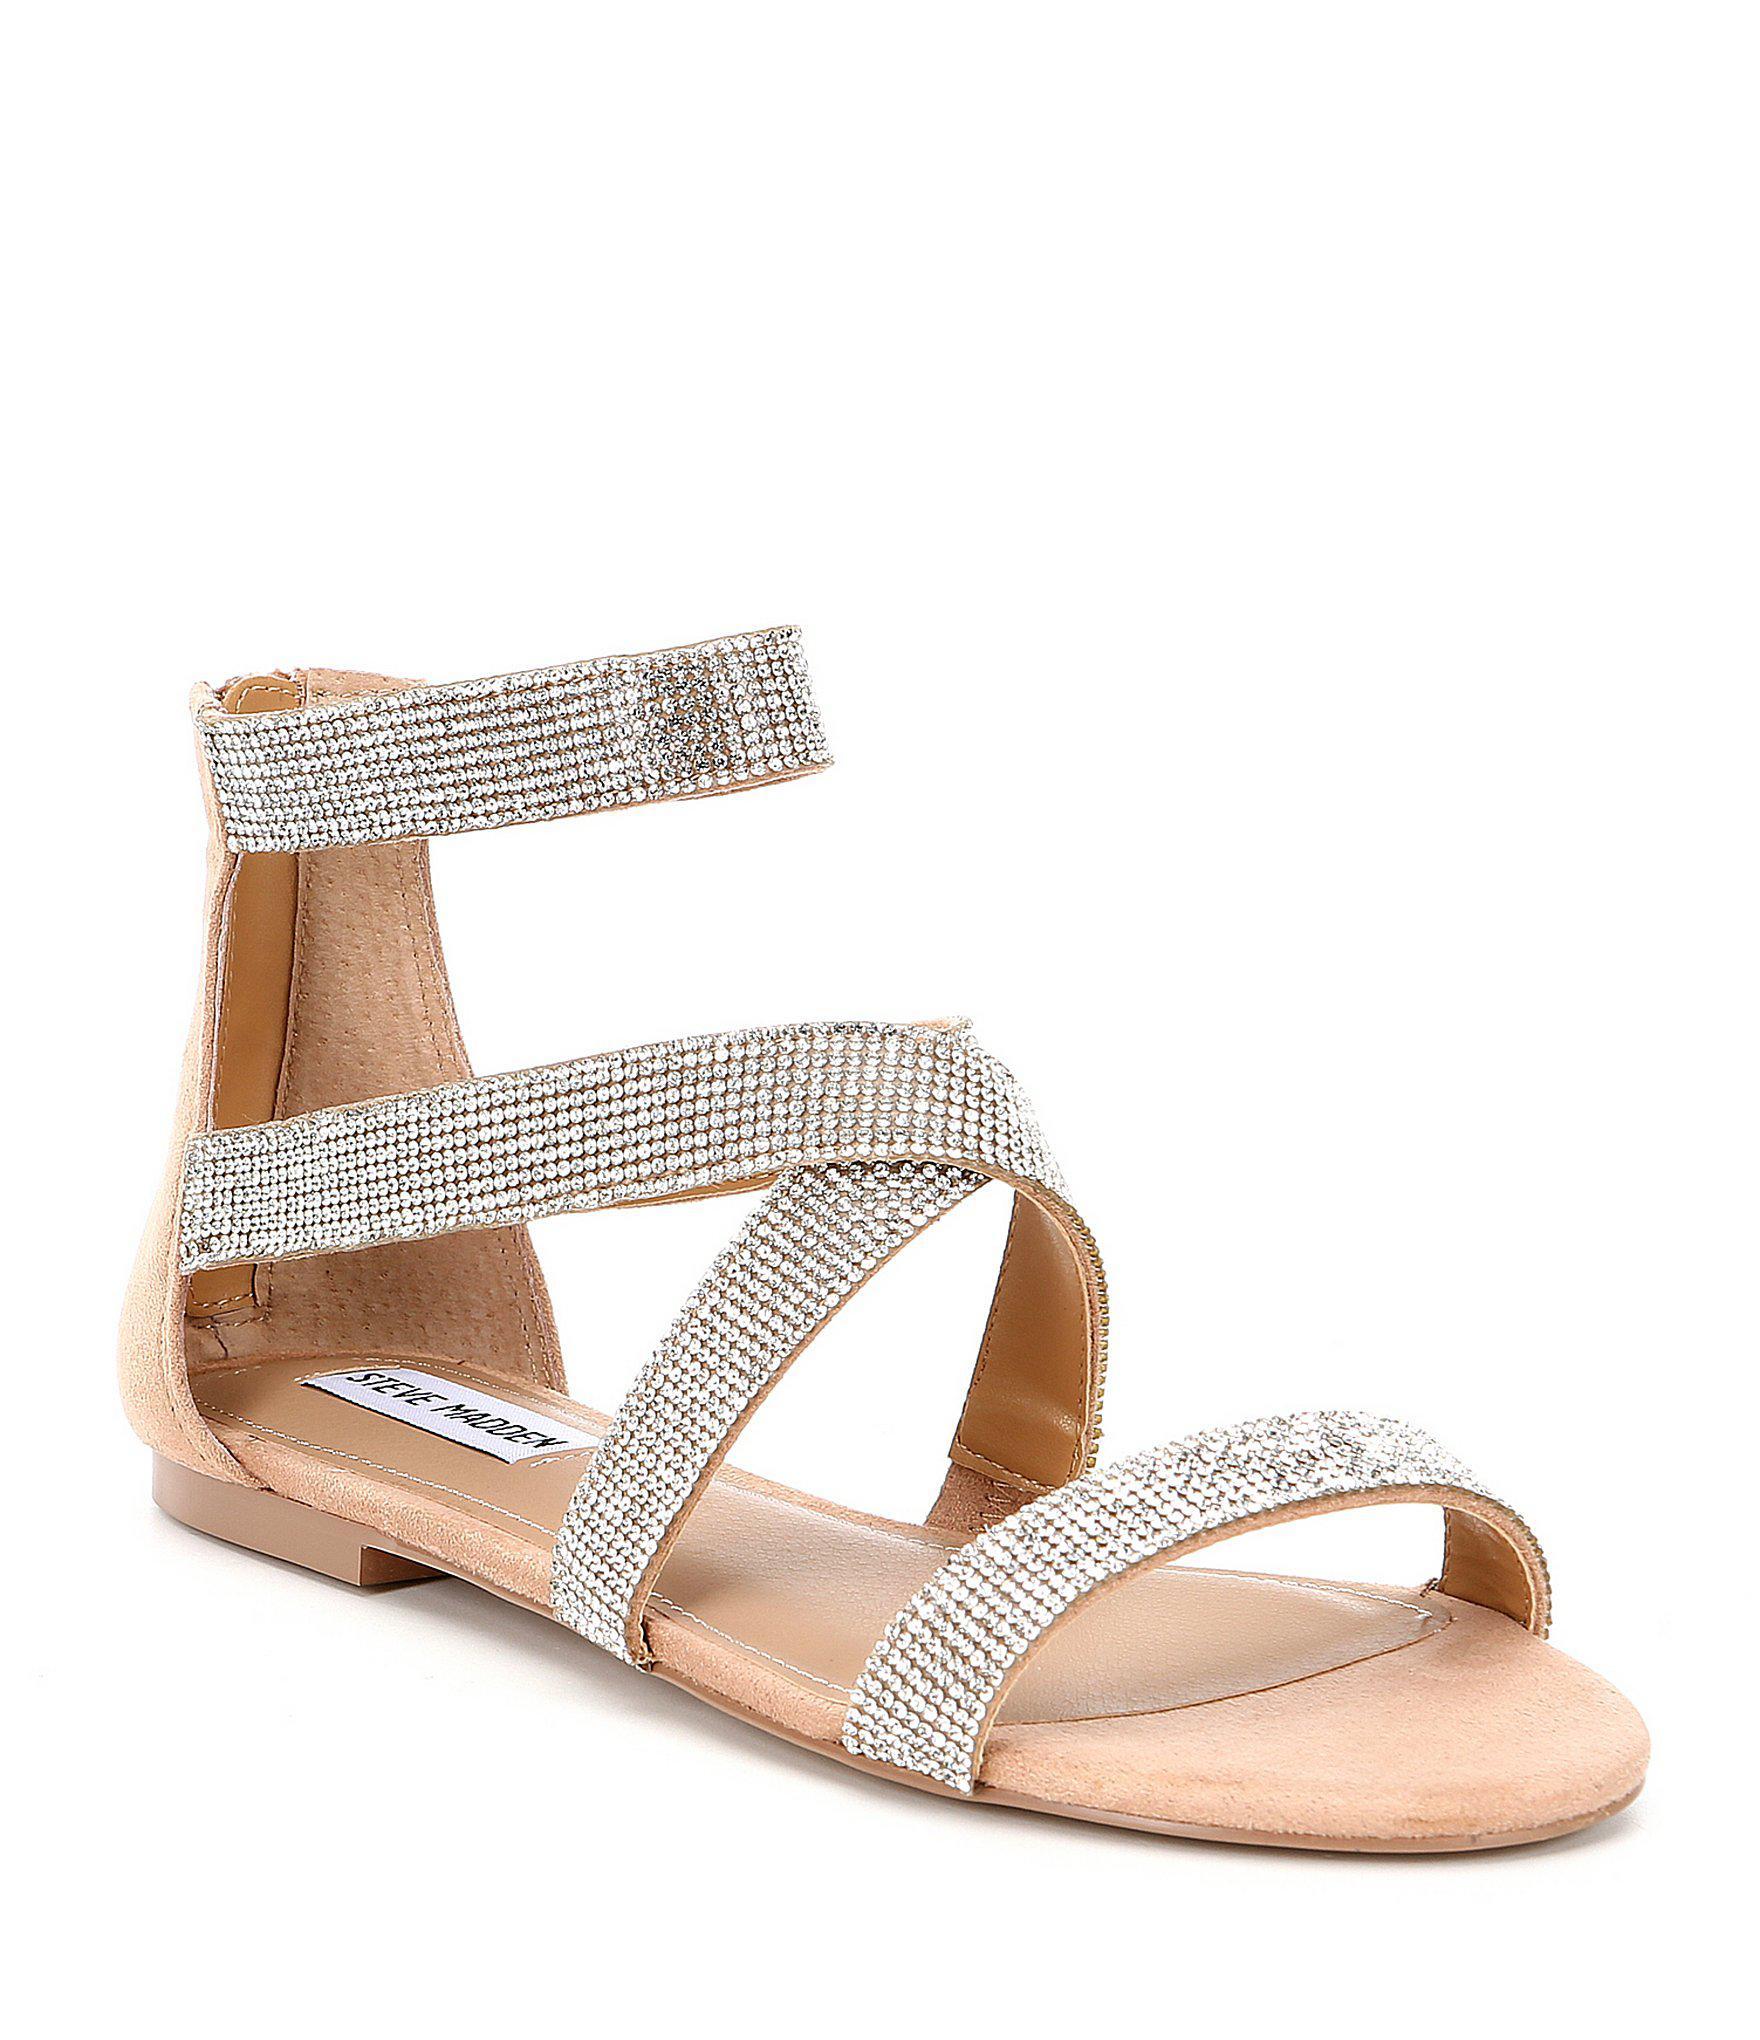 b3a05c0588e4a5 Lyst - Steve Madden Trinity Rhinestone Gladiator Sandals